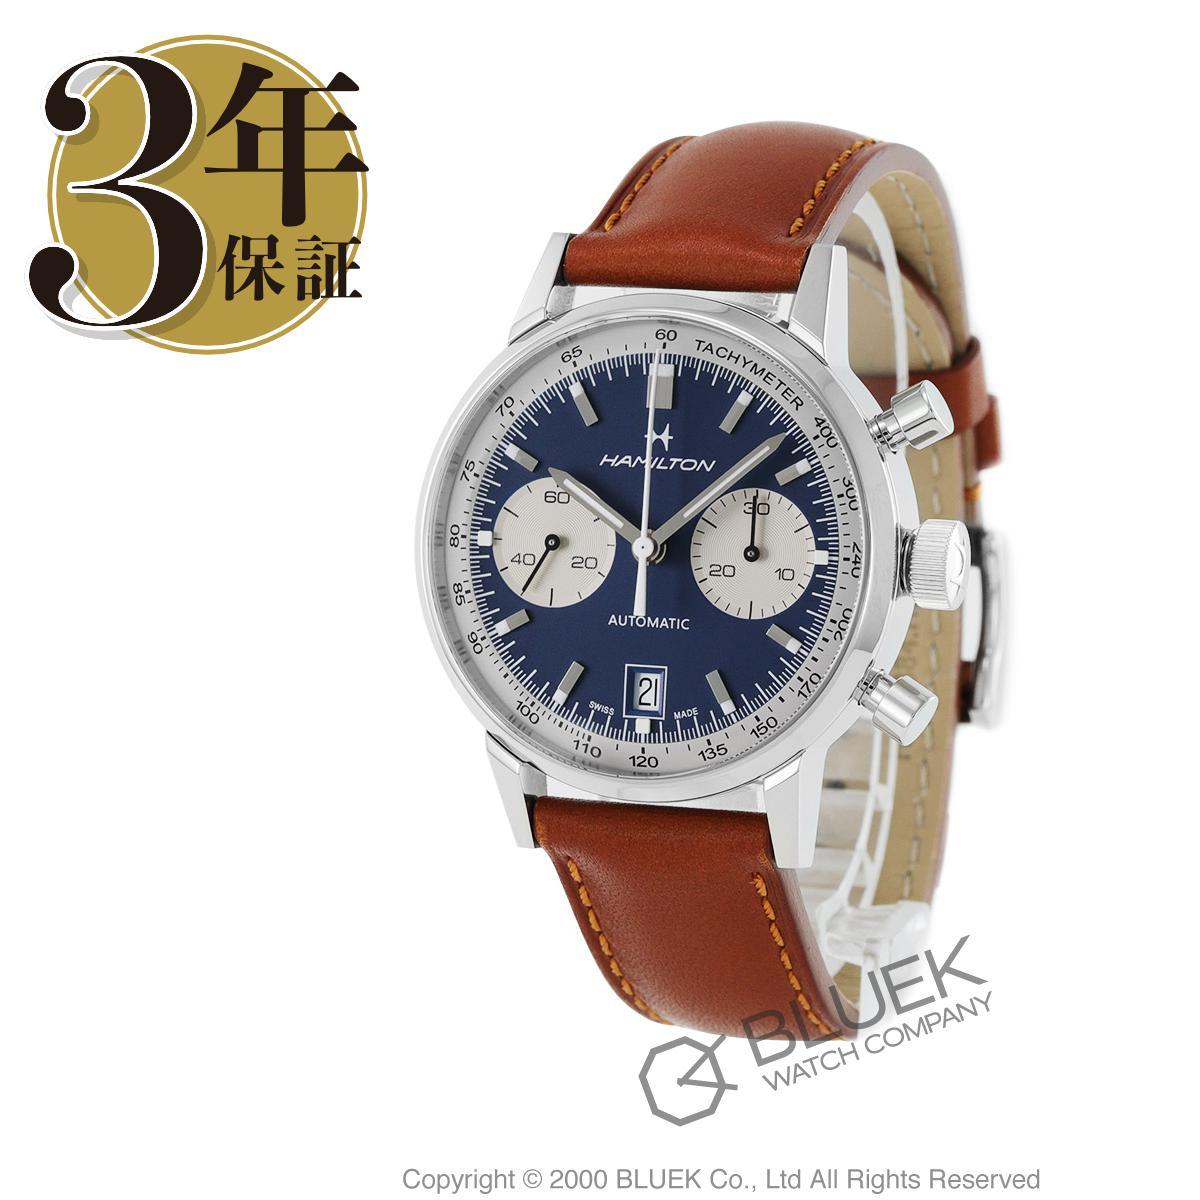 ハミルトン アメリカンクラシック イントラマティック クロノグラフ 腕時計 メンズ HAMILTON H38416541_3